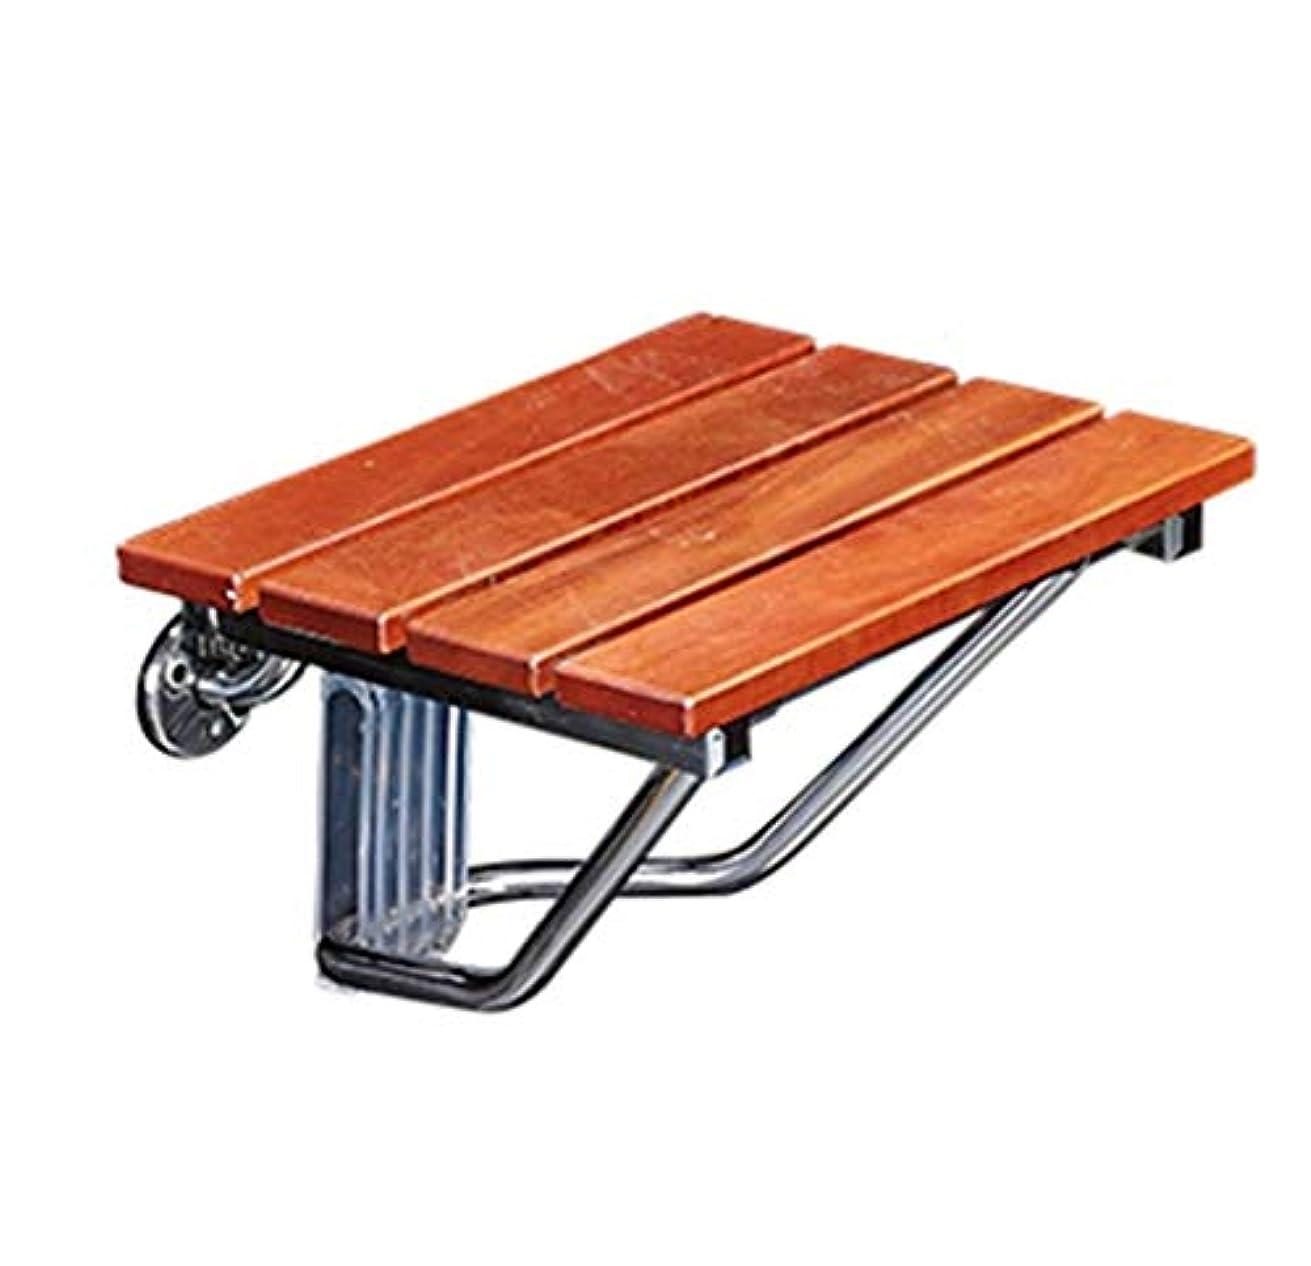 気分日光発掘折り畳み式の壁のシャワーの腰掛け、壁に取り付けられた木製の折りたたみ式のシャワーの座席木製の変更は高齢者/身体障害者のスリップ防止シャワーの椅子のために腰掛け